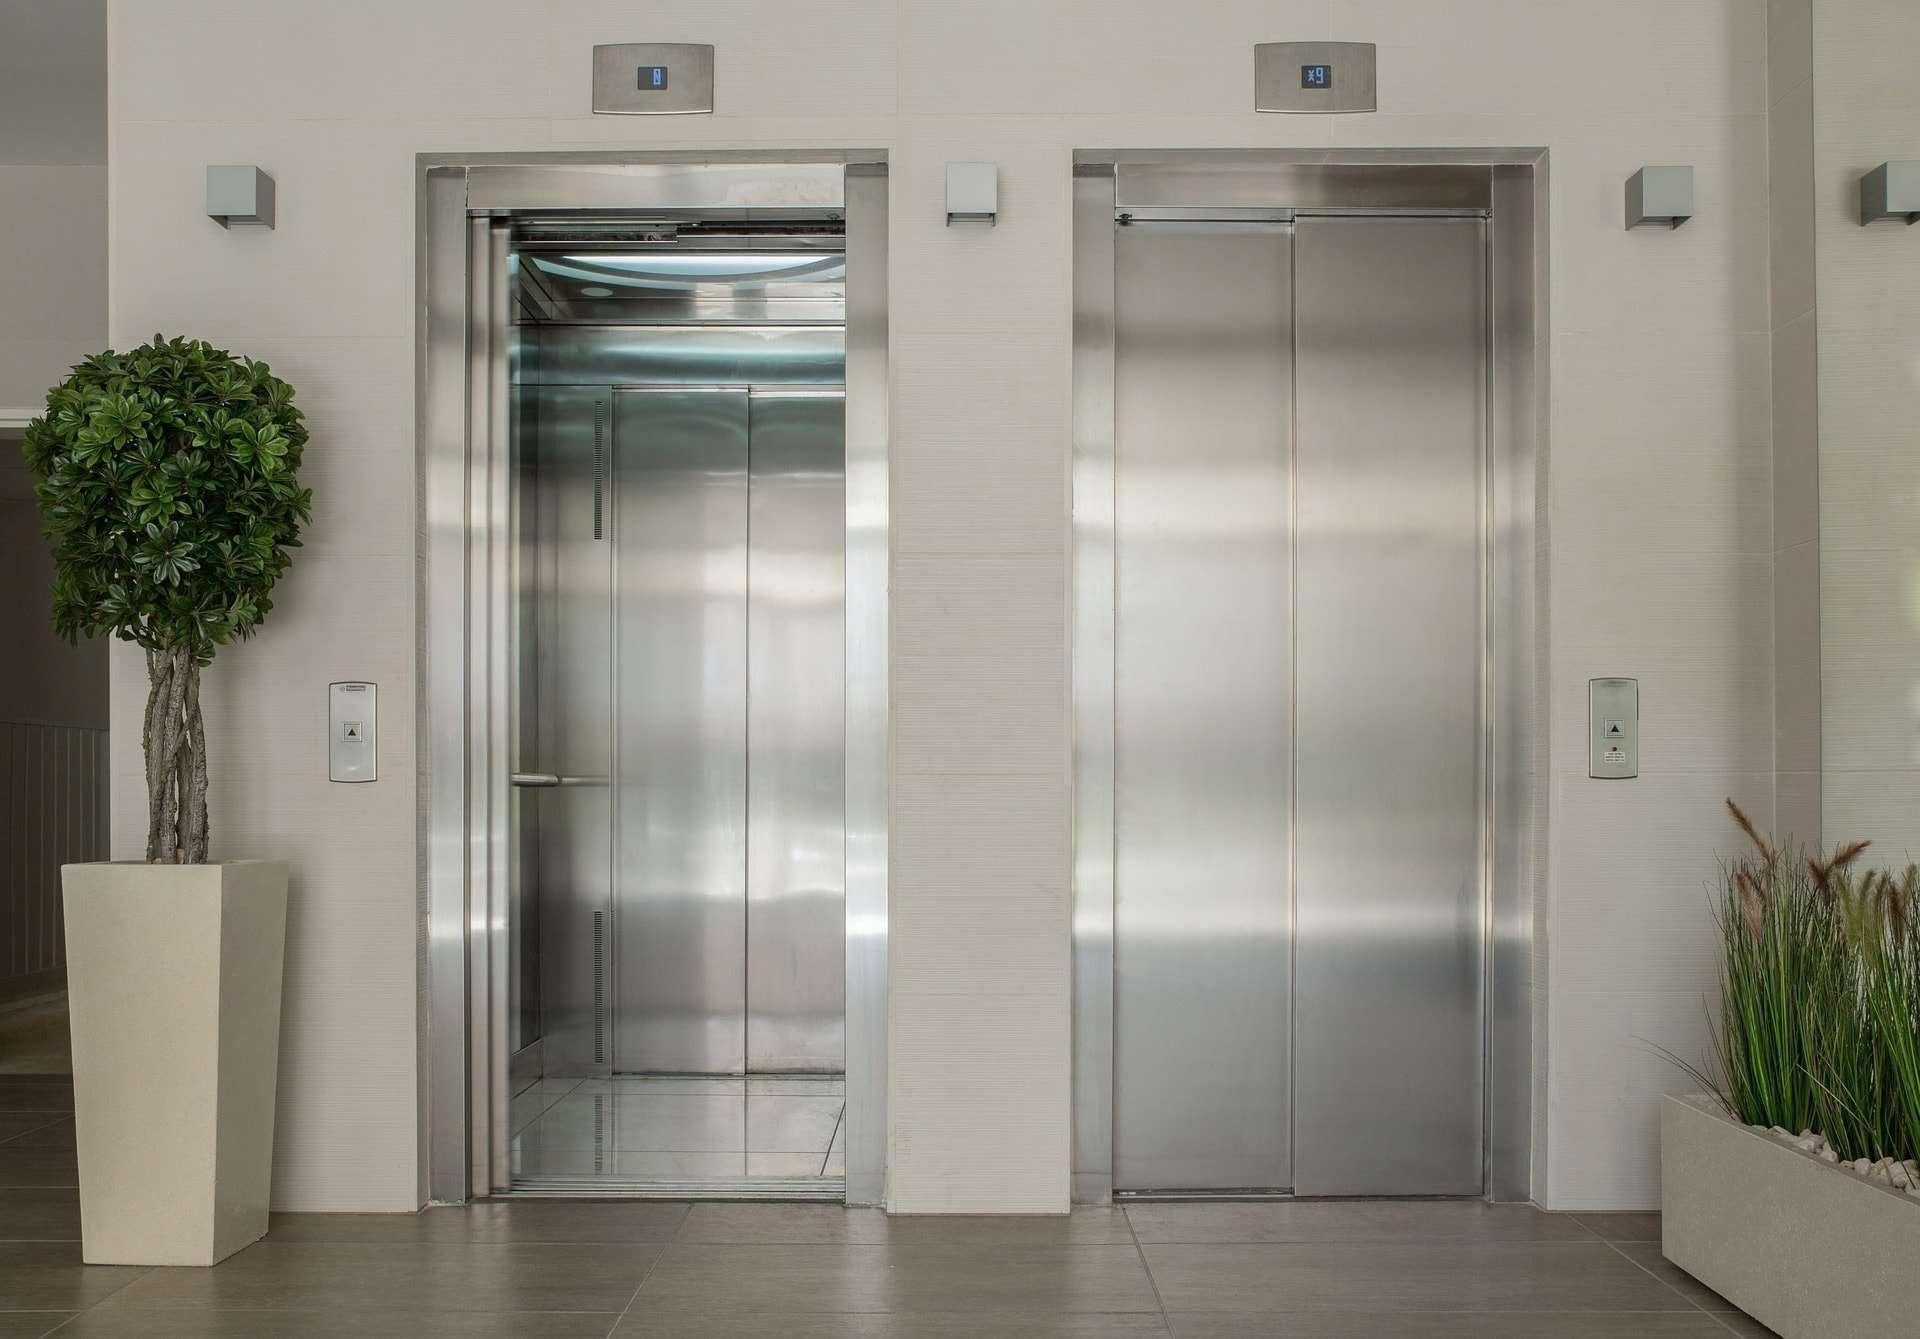 elevators-1756630_1920-min.jpg